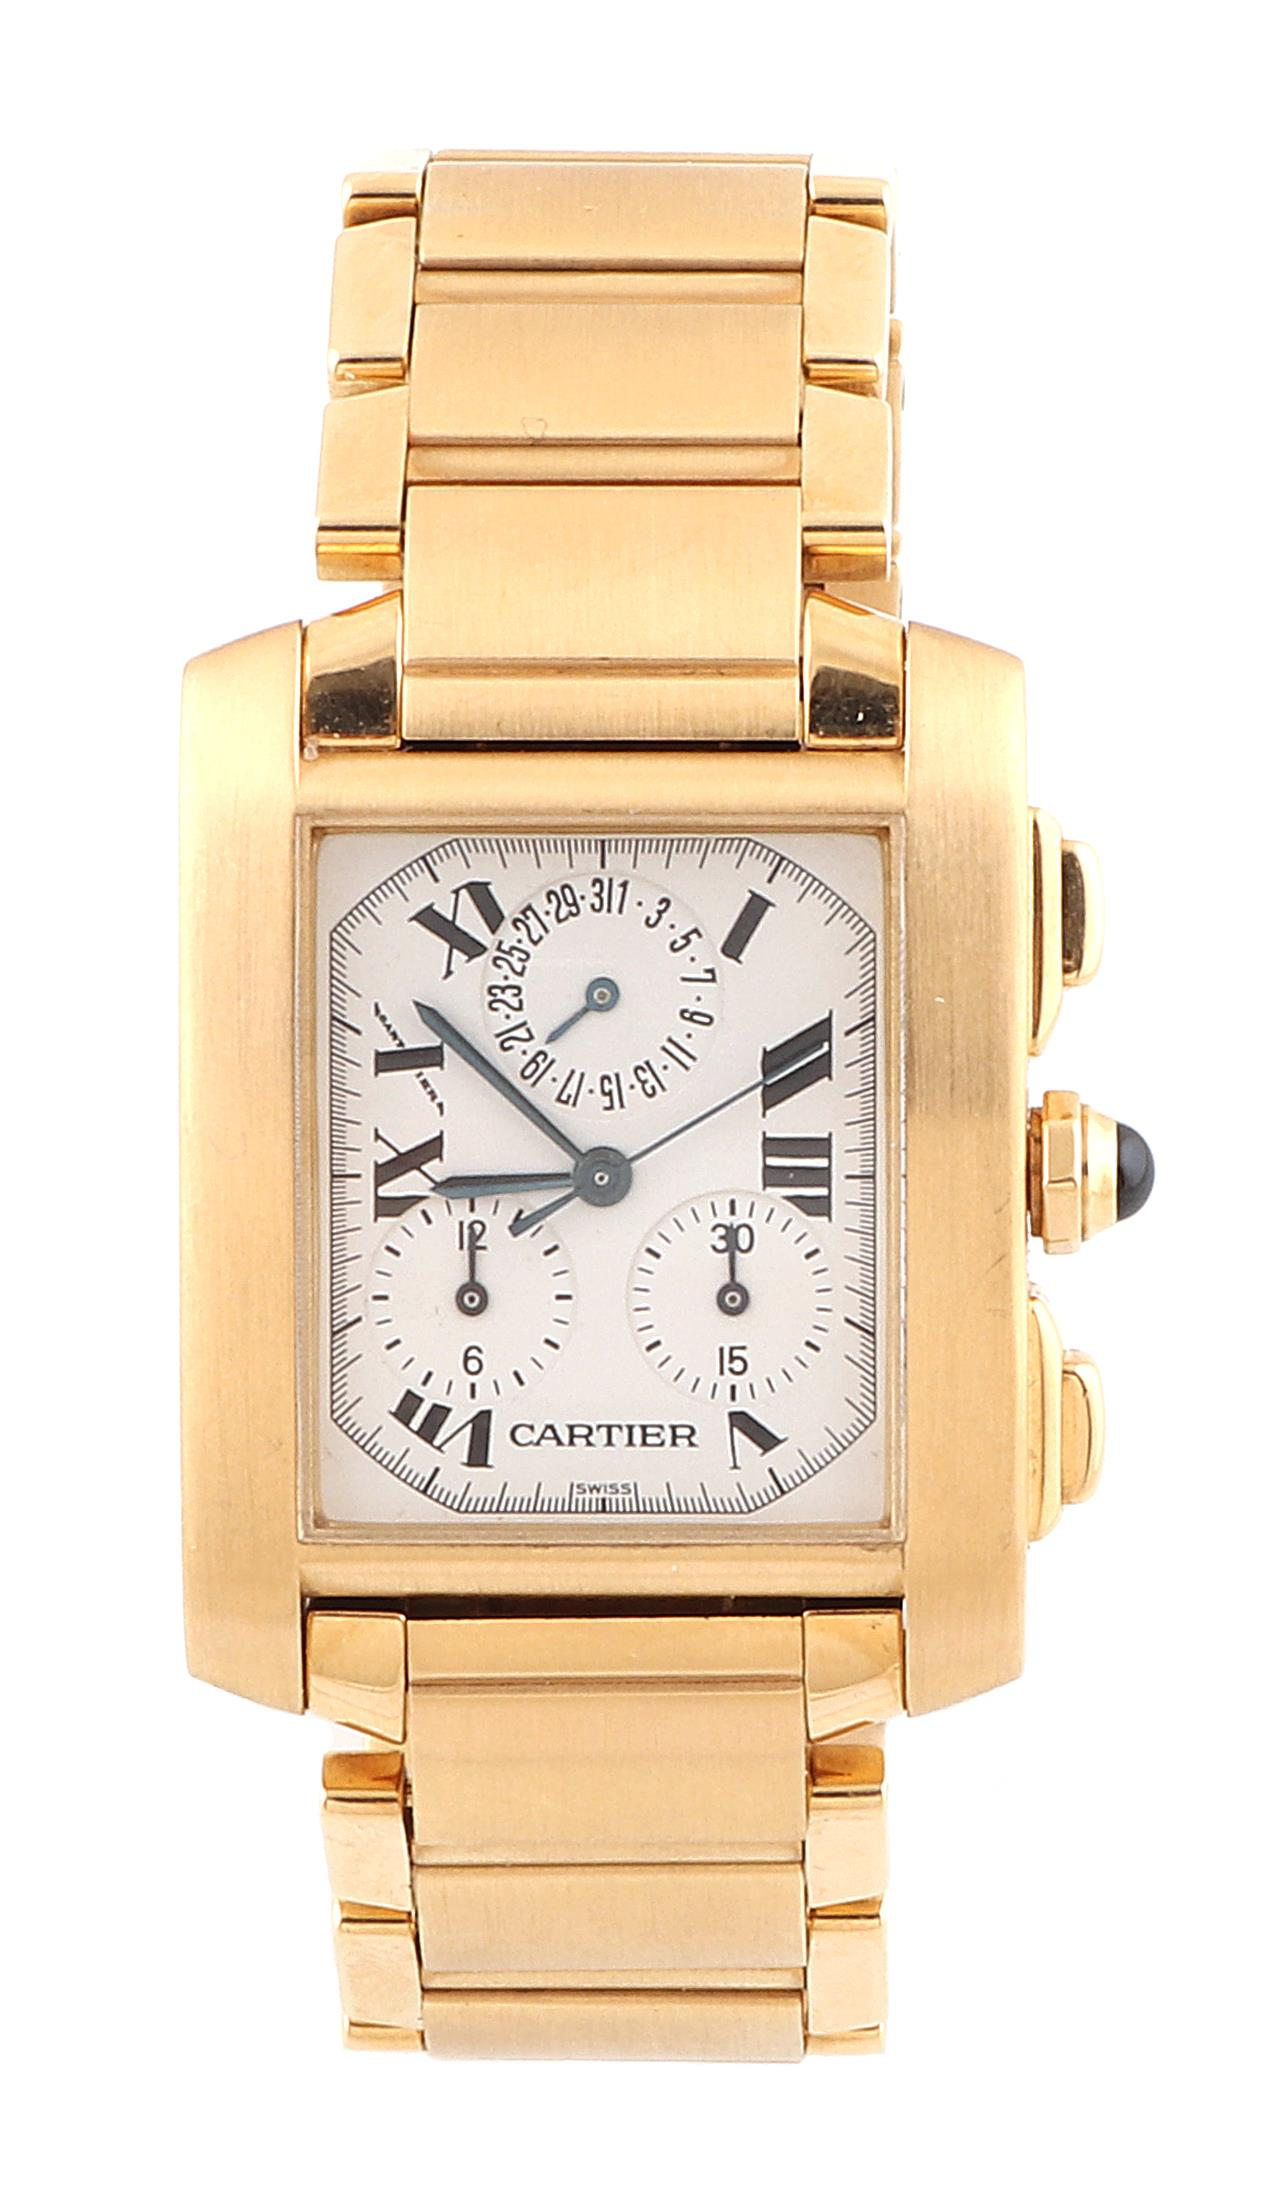 Cartier Tank Francaise Chronograph,Gold 750, Startpreis € 6.000